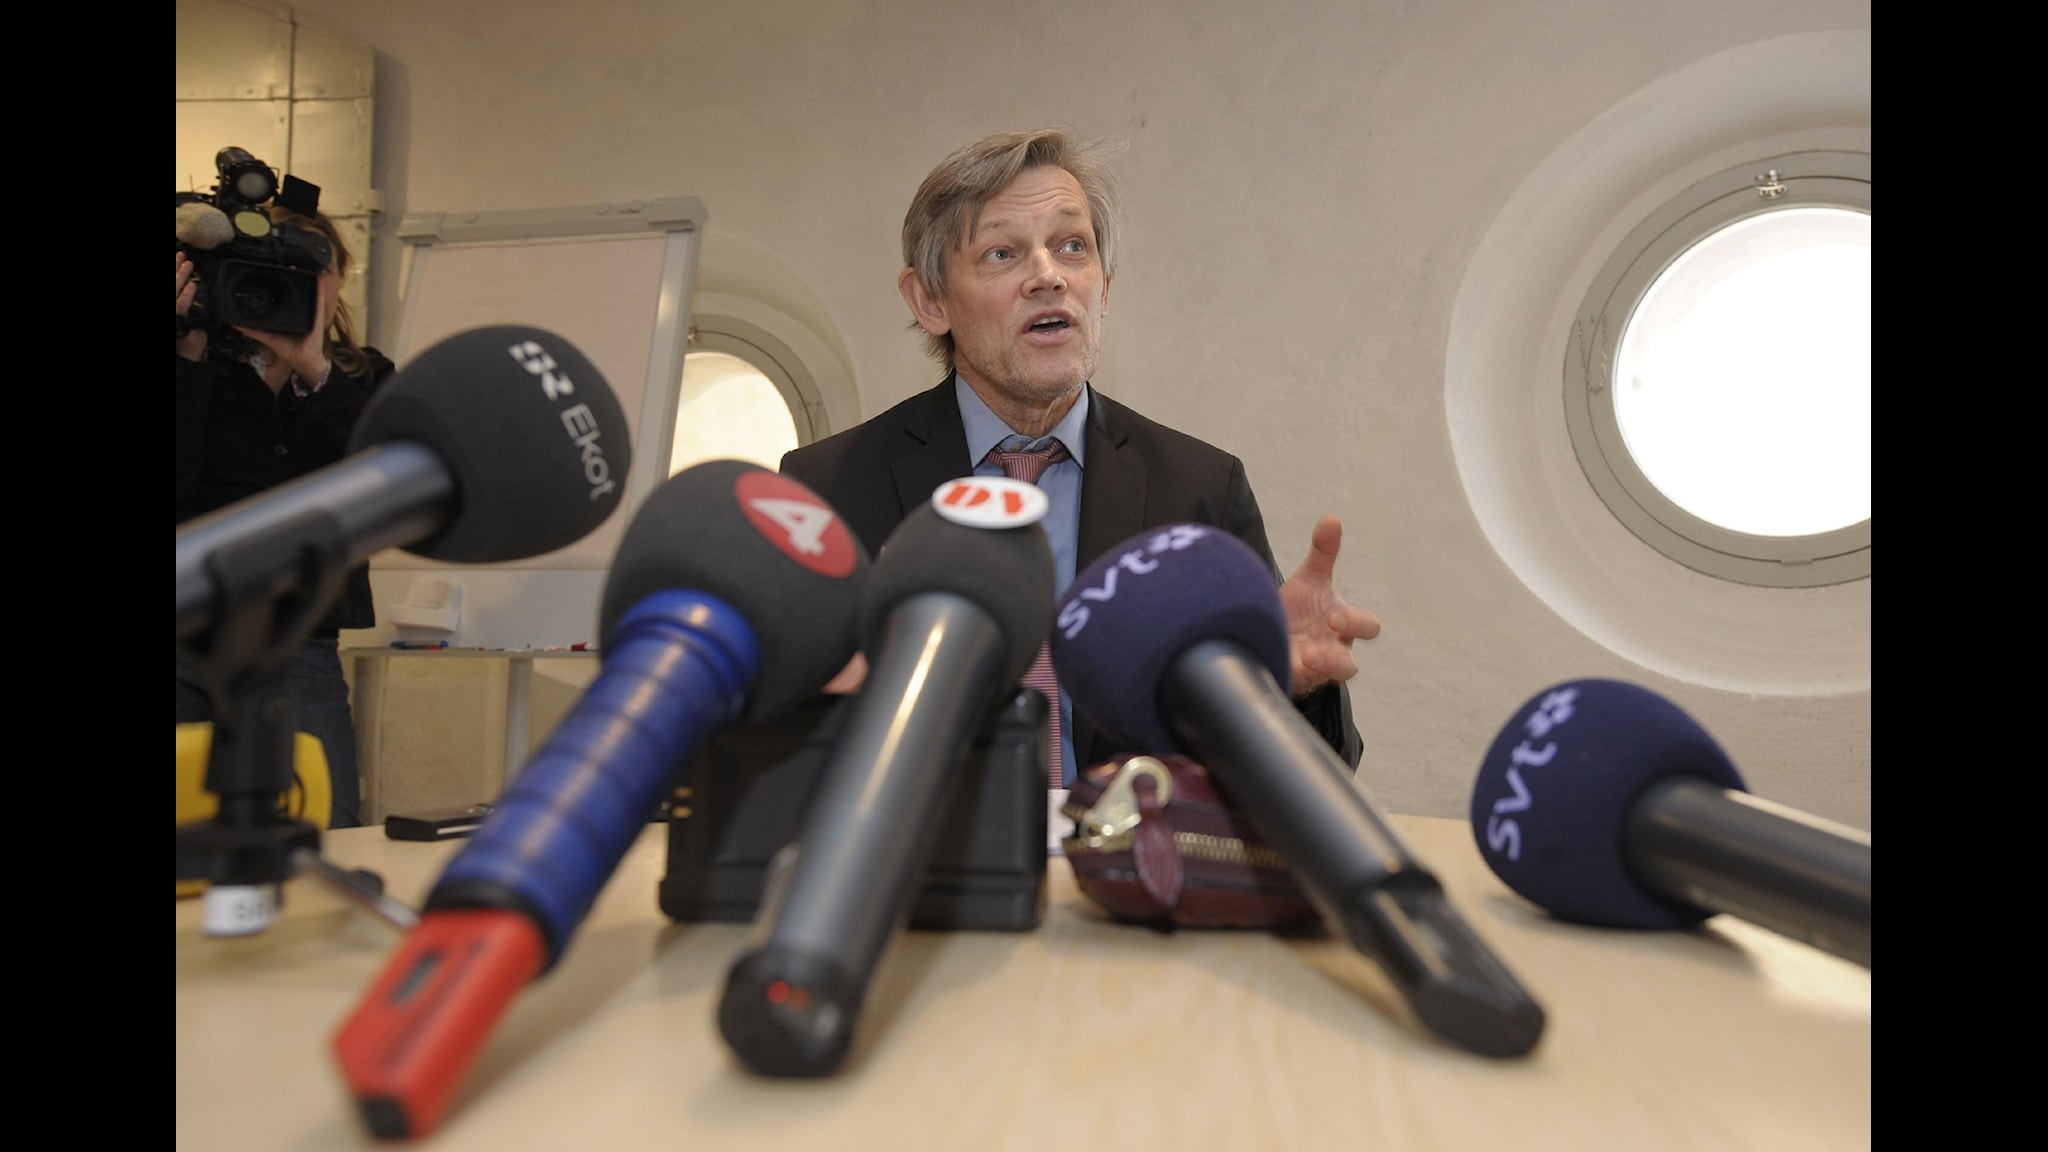 Göran Lambertz i ständigt mediefokus. Foto: Fredrik Sandberg/TT Nyhetsbyrån.